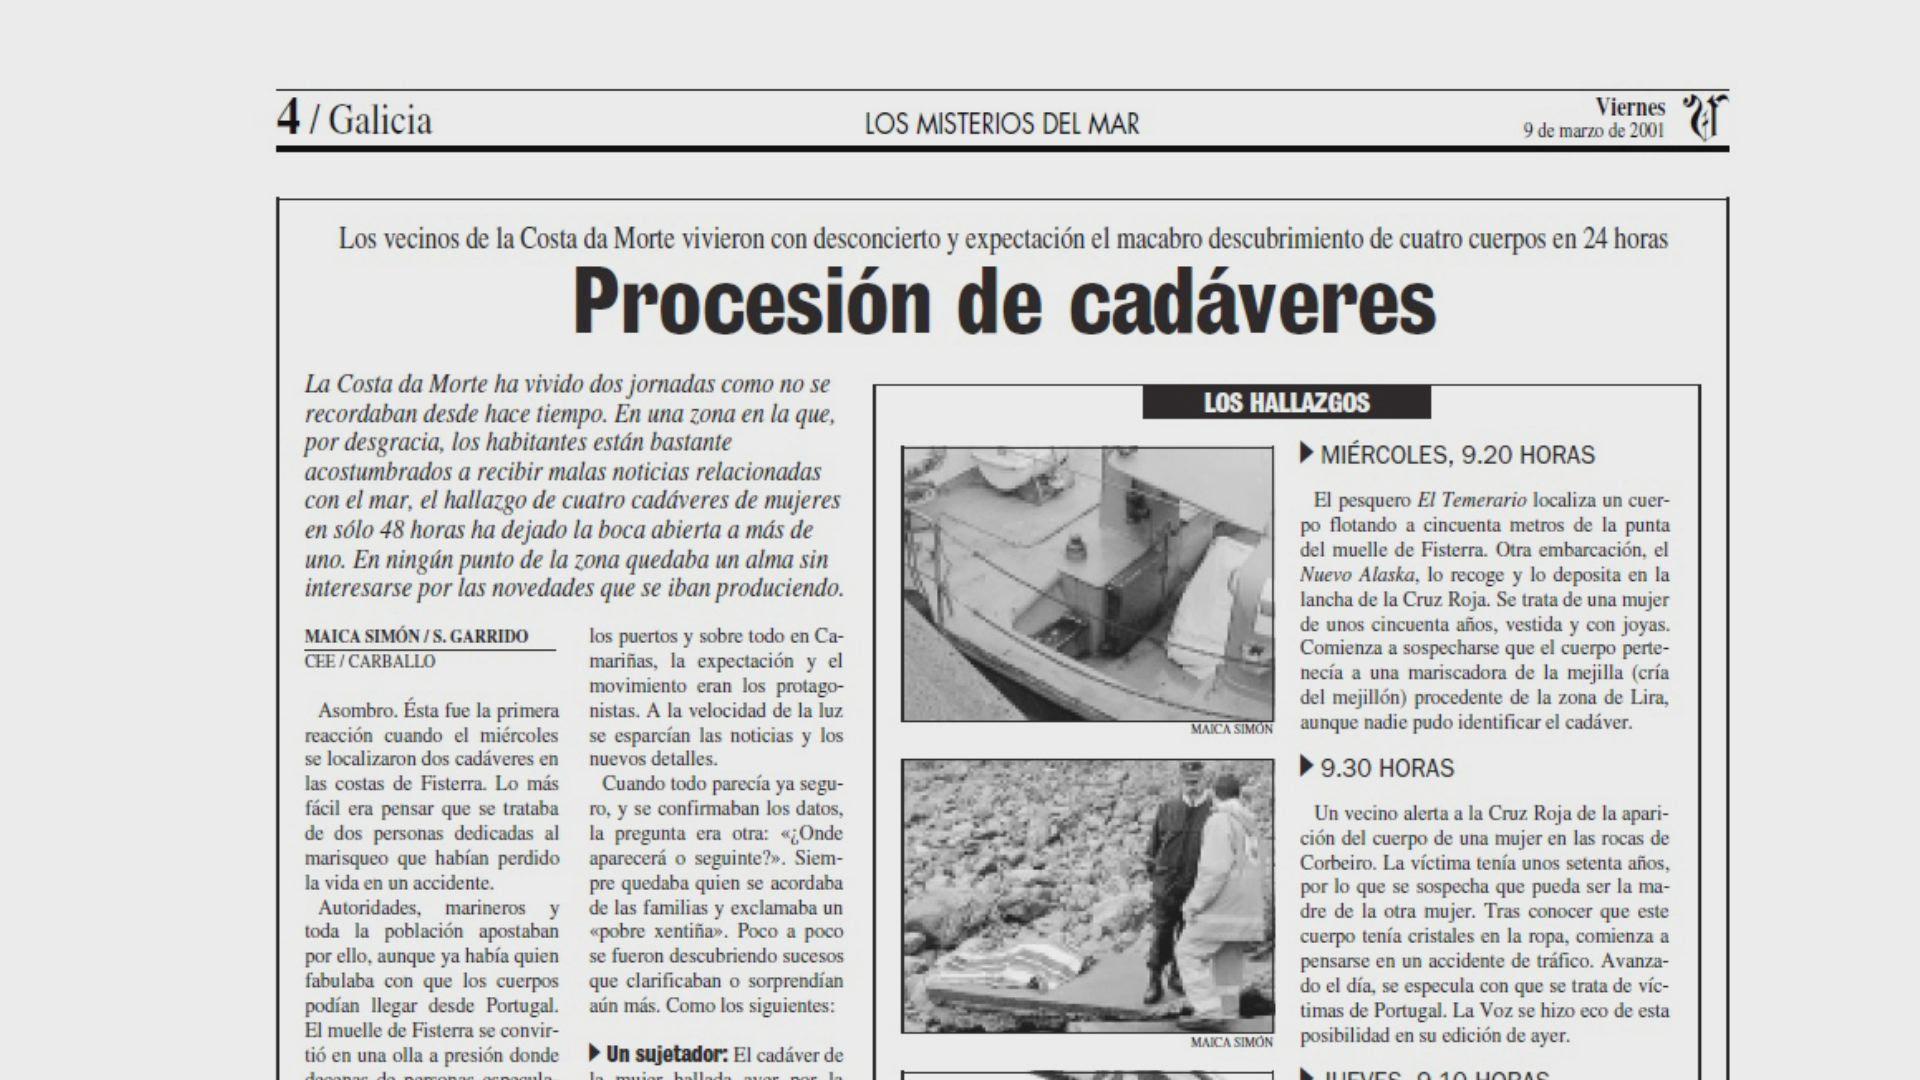 Página de La Voz en la que se narra el desconcierto vivido en la Costa da Morte